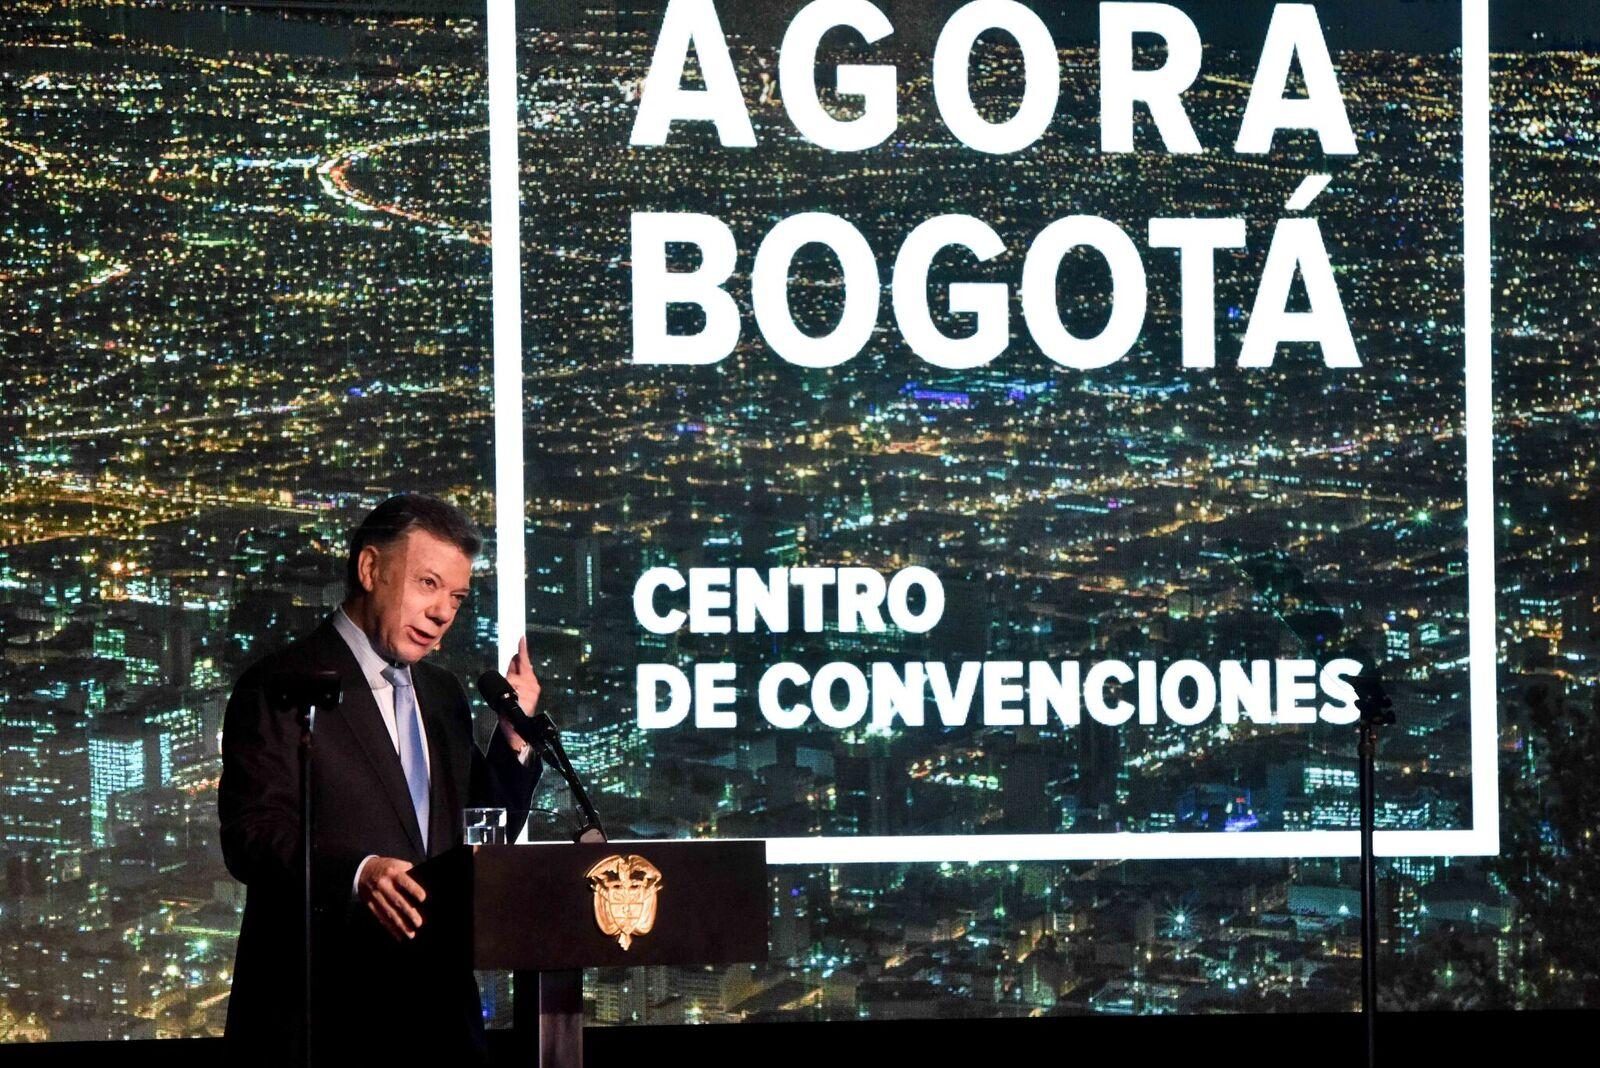 Centro de convenciones ÁGORA-BOGOTÁobra del despachoEstudio Herreros